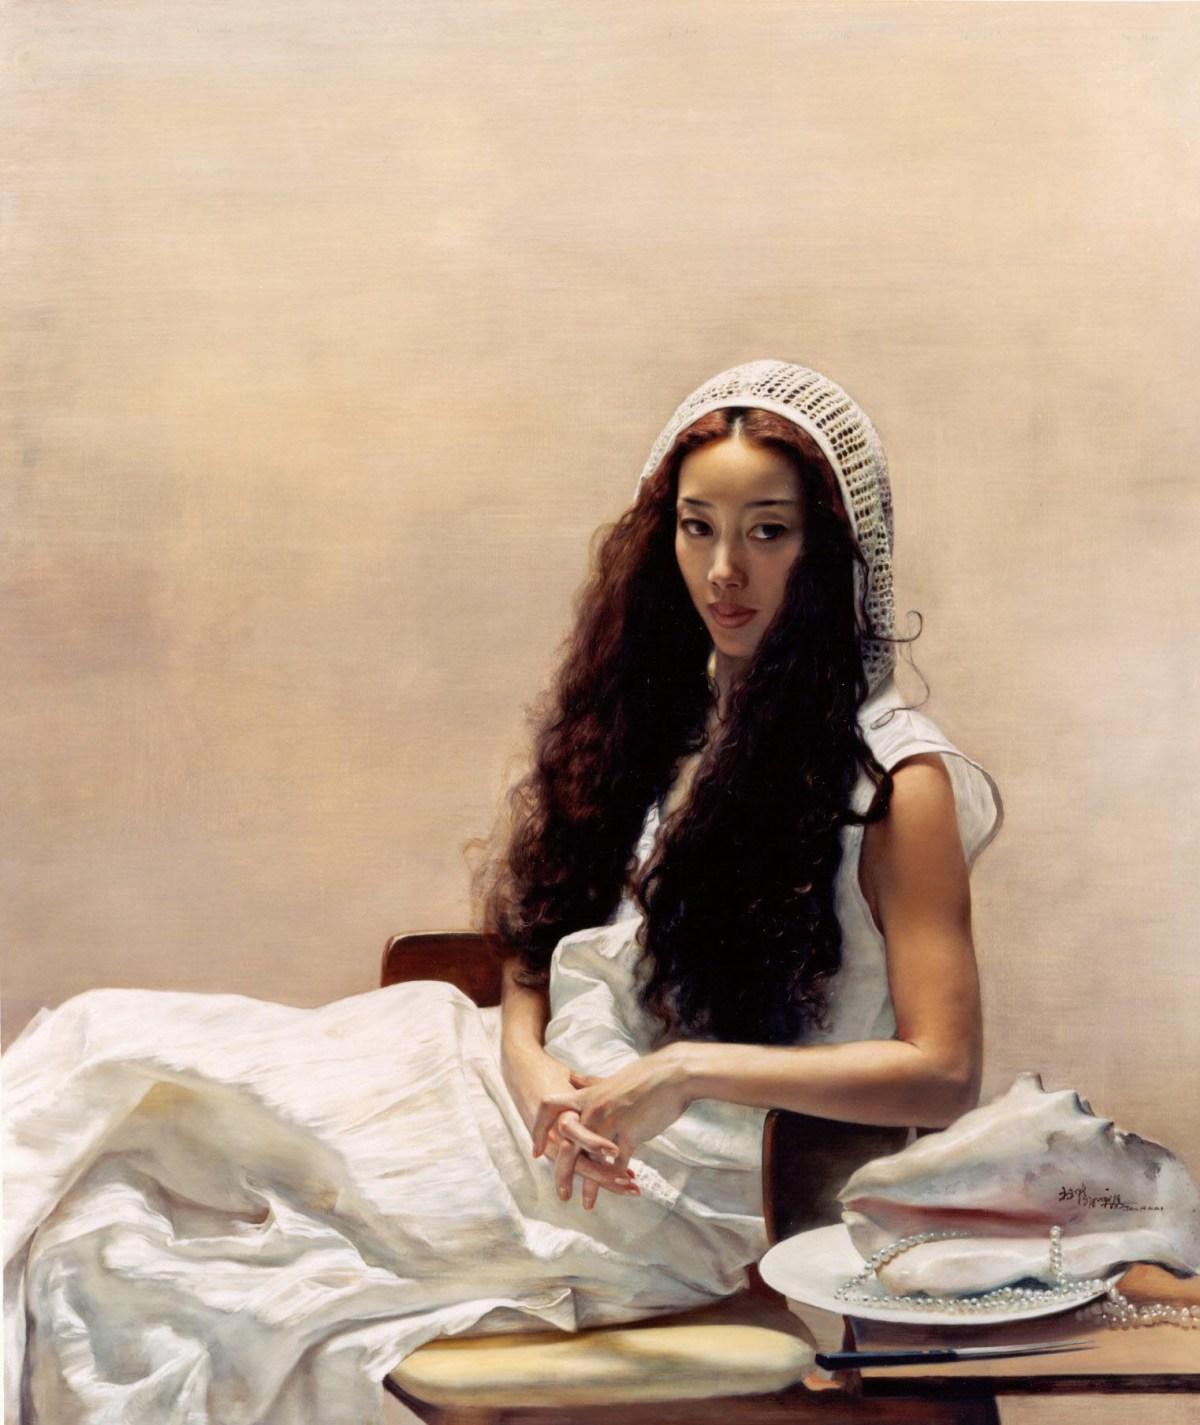 Girl in Summer by Yuqi Wang